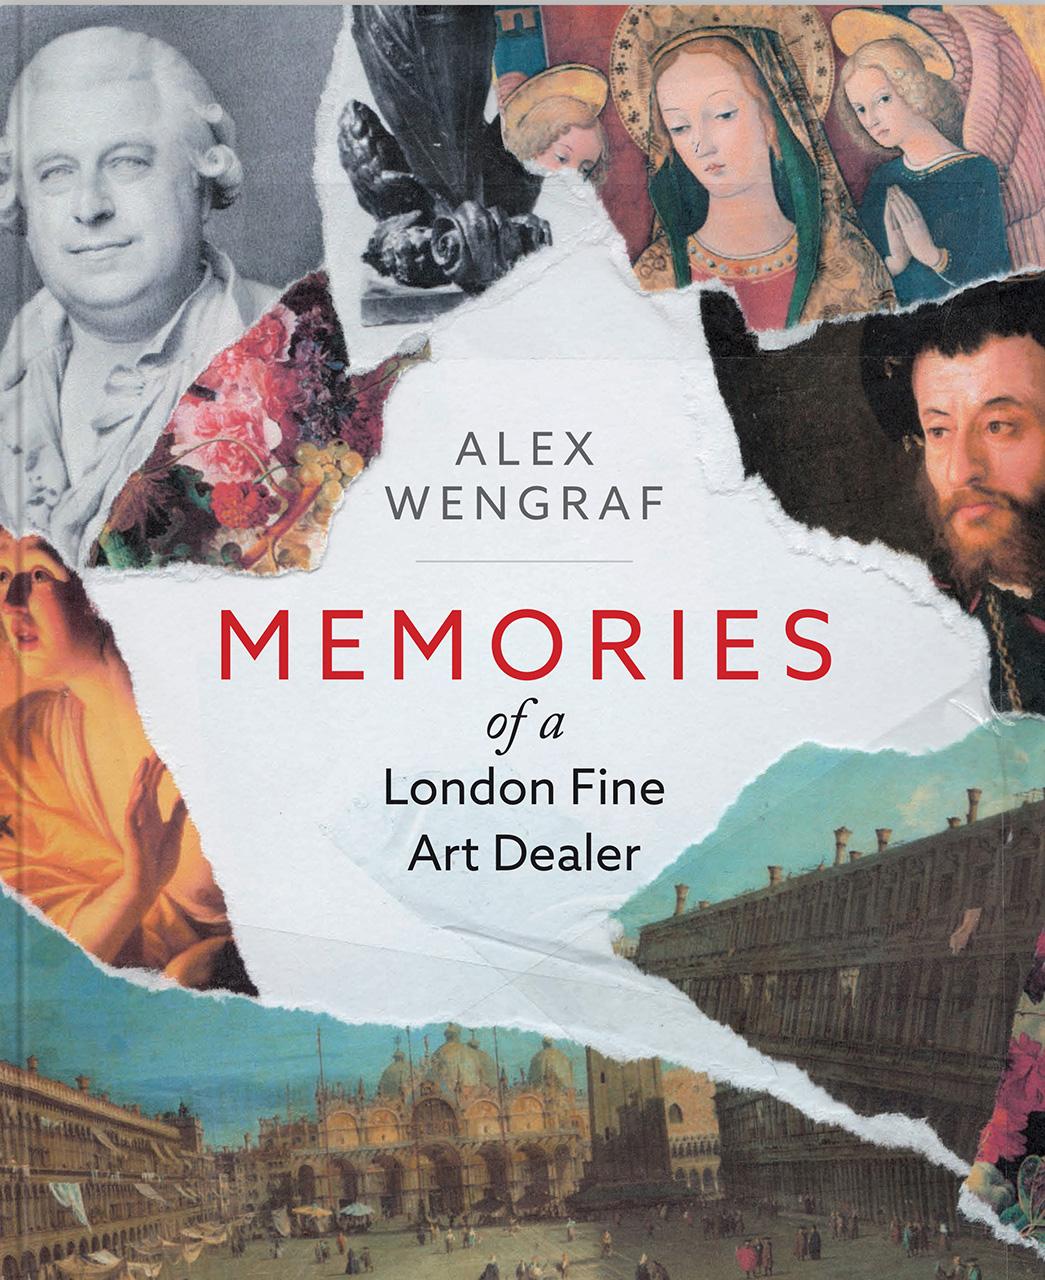 Memories of a London Fine Art Dealer